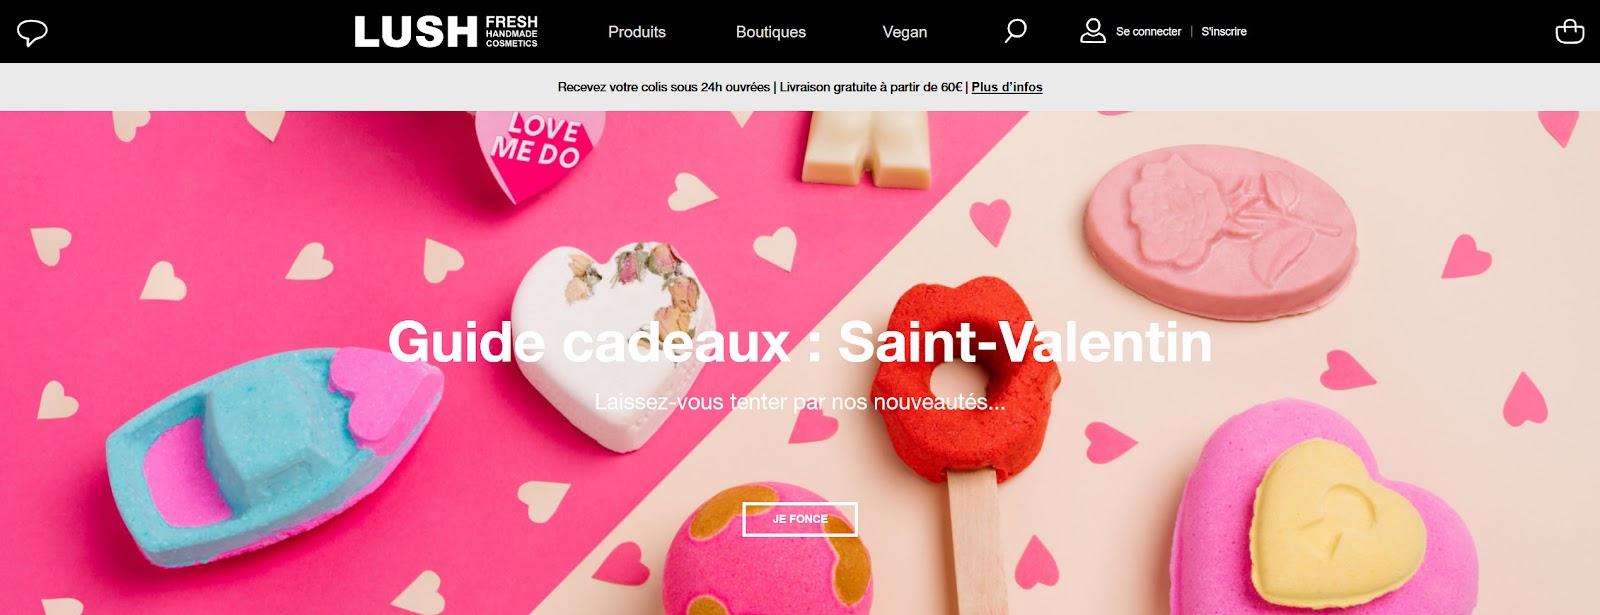 Home page de la marque Lush, affichant des couleurs lumineuses, rose, bleu, orange pour mettre en avant leurs produits cosmétiques pour la St Valentin. Ce visuel respecte les tendances webdesign 2021.